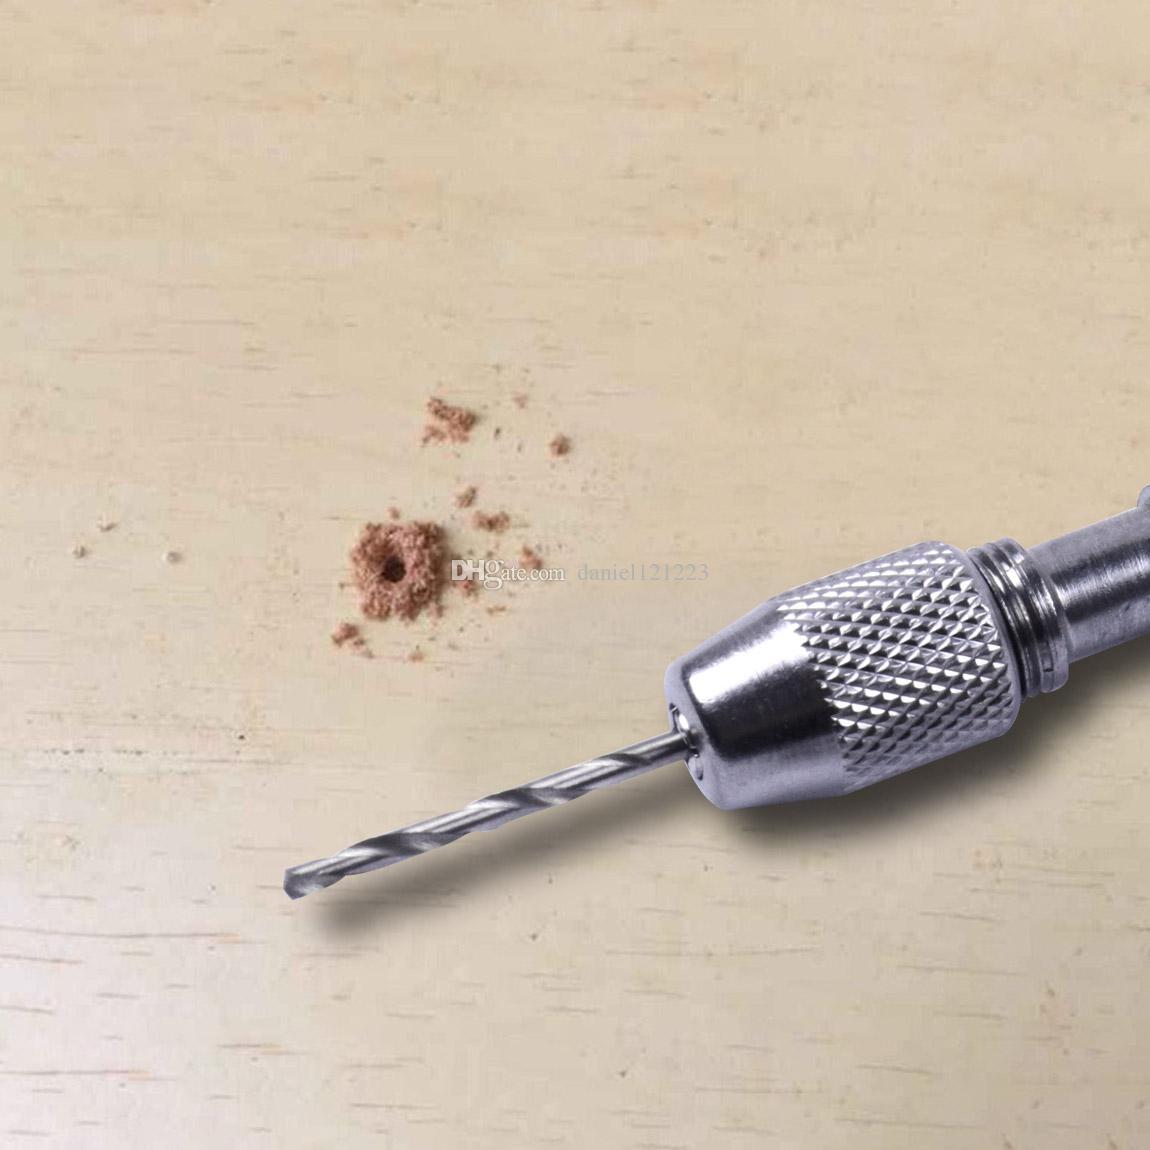 Semi-automatic Mini Hand Drill Chuck Micro Twist Hobby Craft Jewelers Hand Tool + 0.3-1.6mm Twist Drill Bits Set